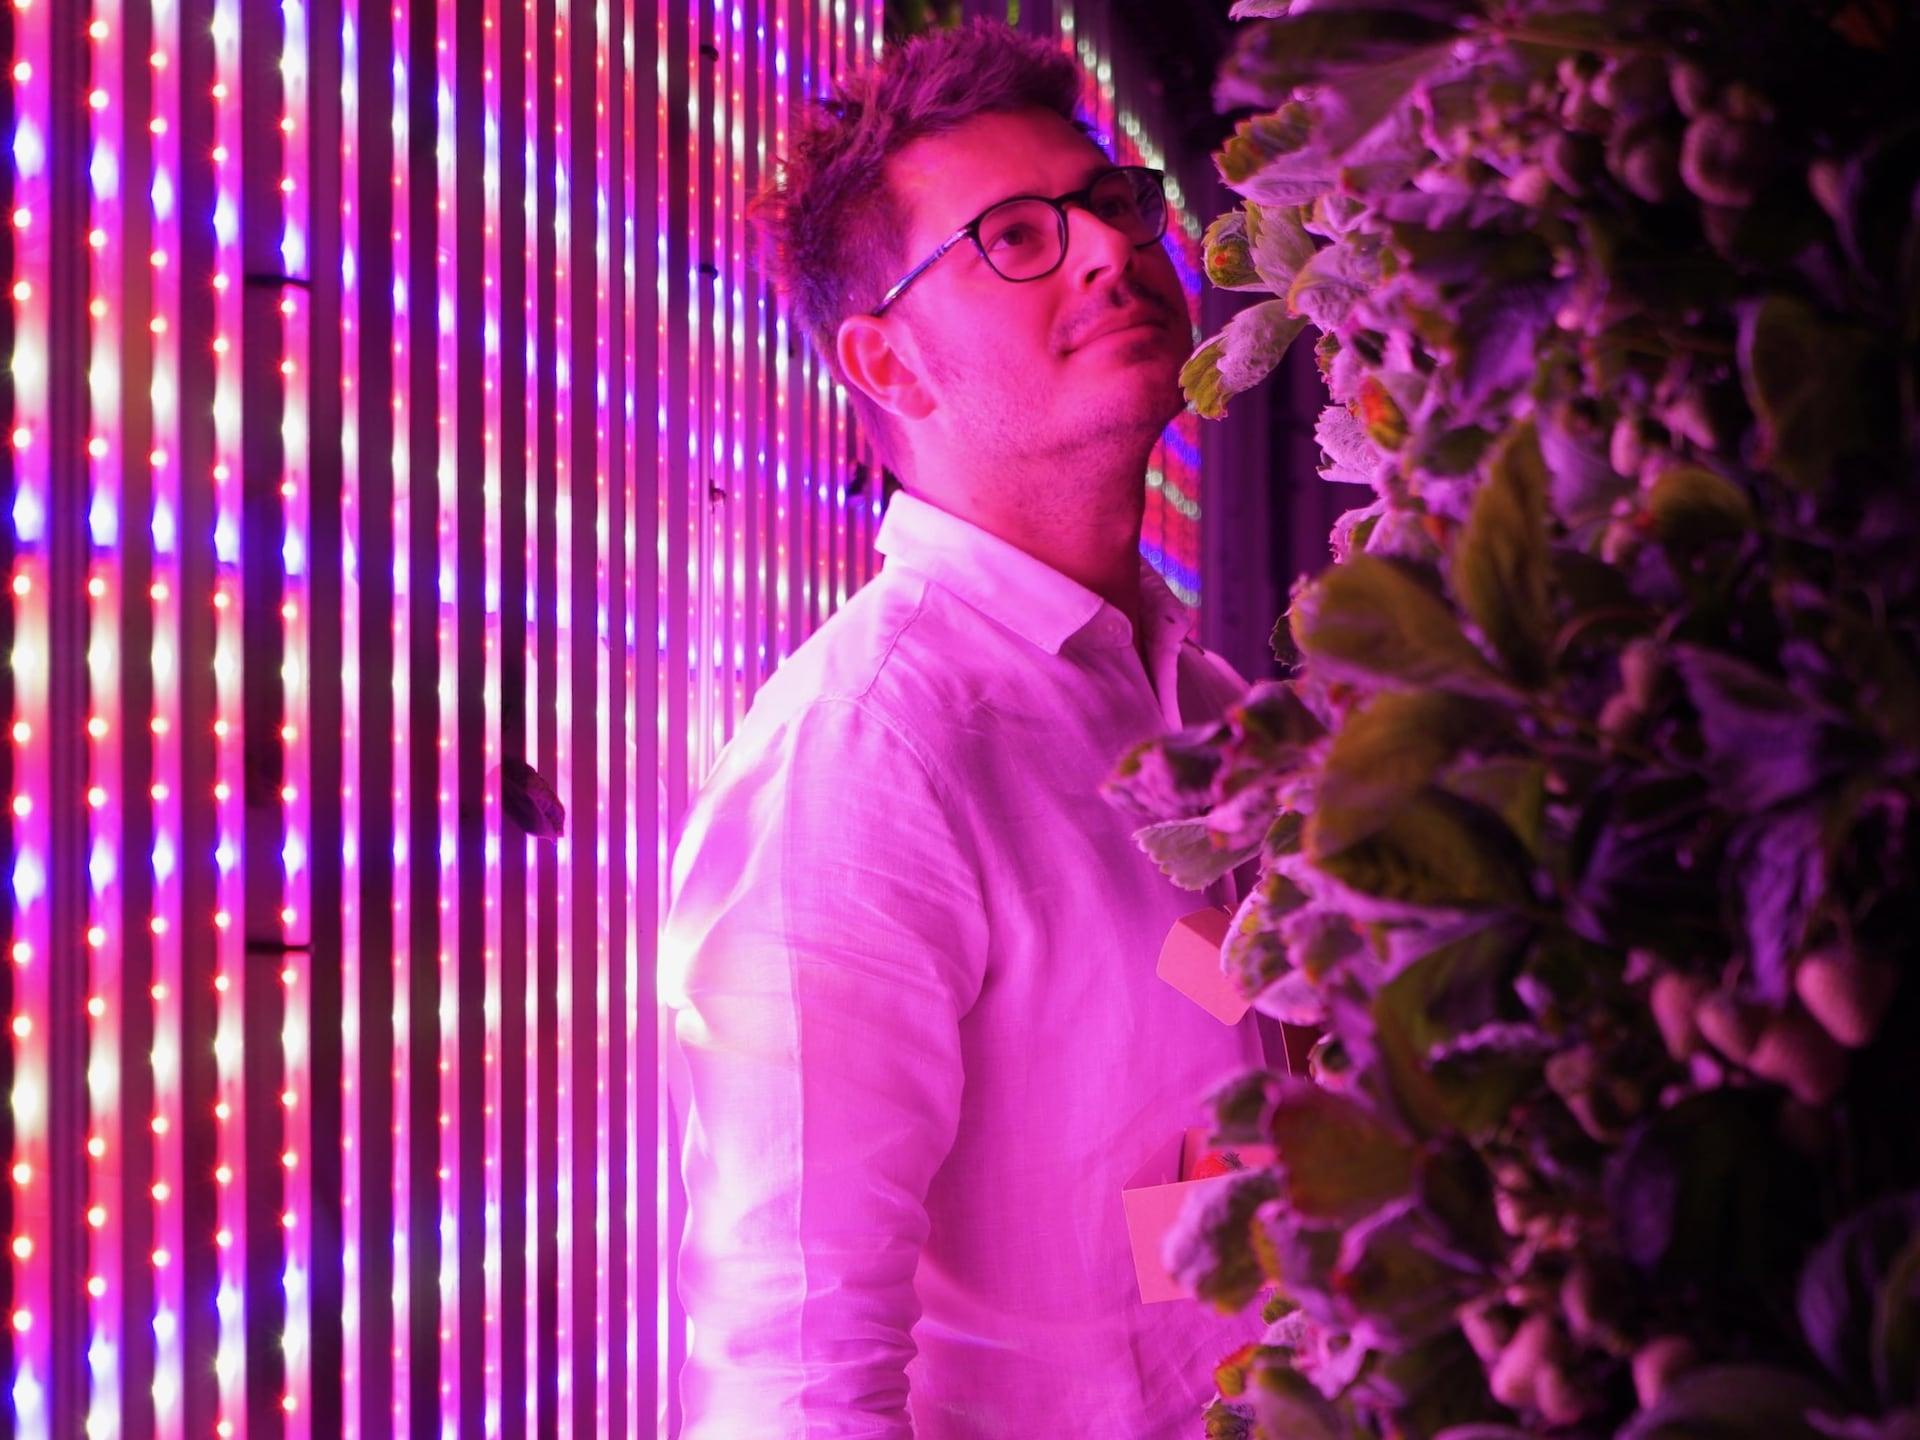 Georges Beaudoin se tient entre un mur de lumières leds multicolores et de plants de fraises verticaux.